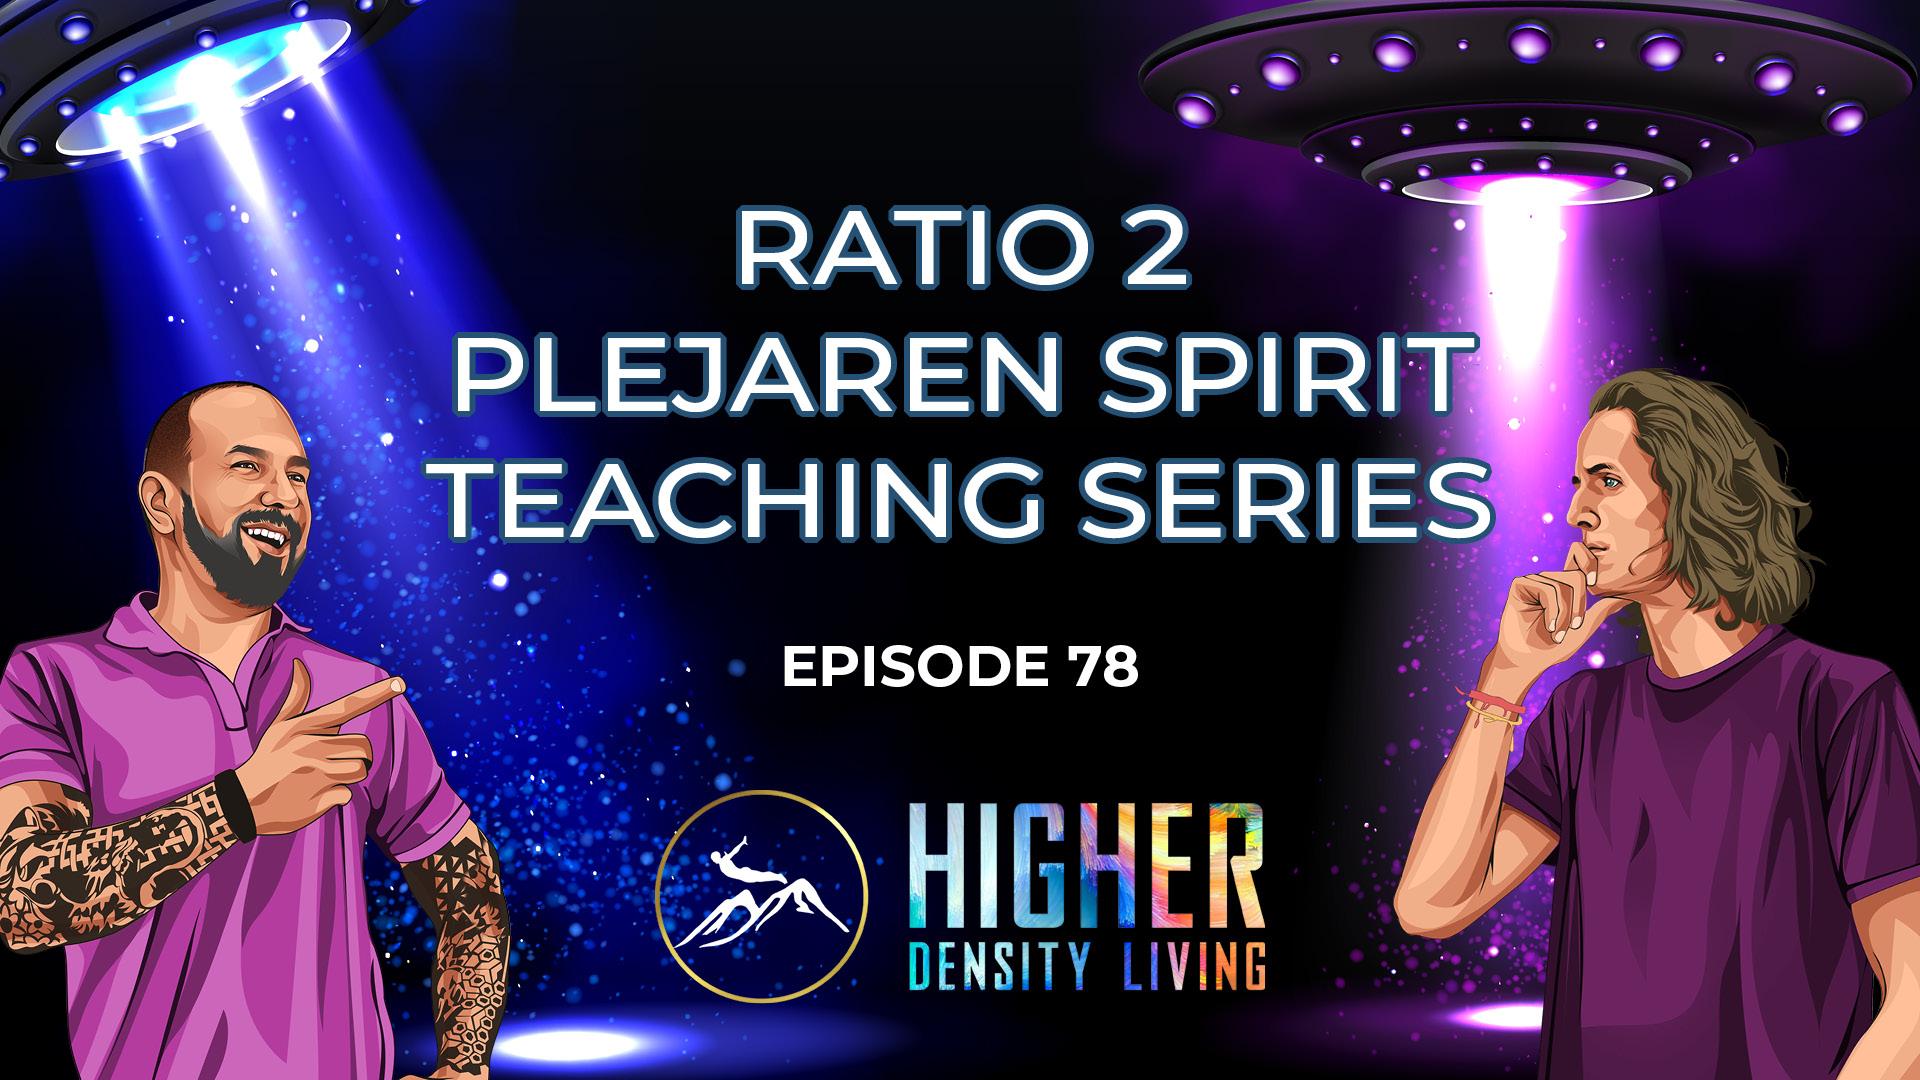 Ratio 2 - Plejaren Spirit Teaching Series